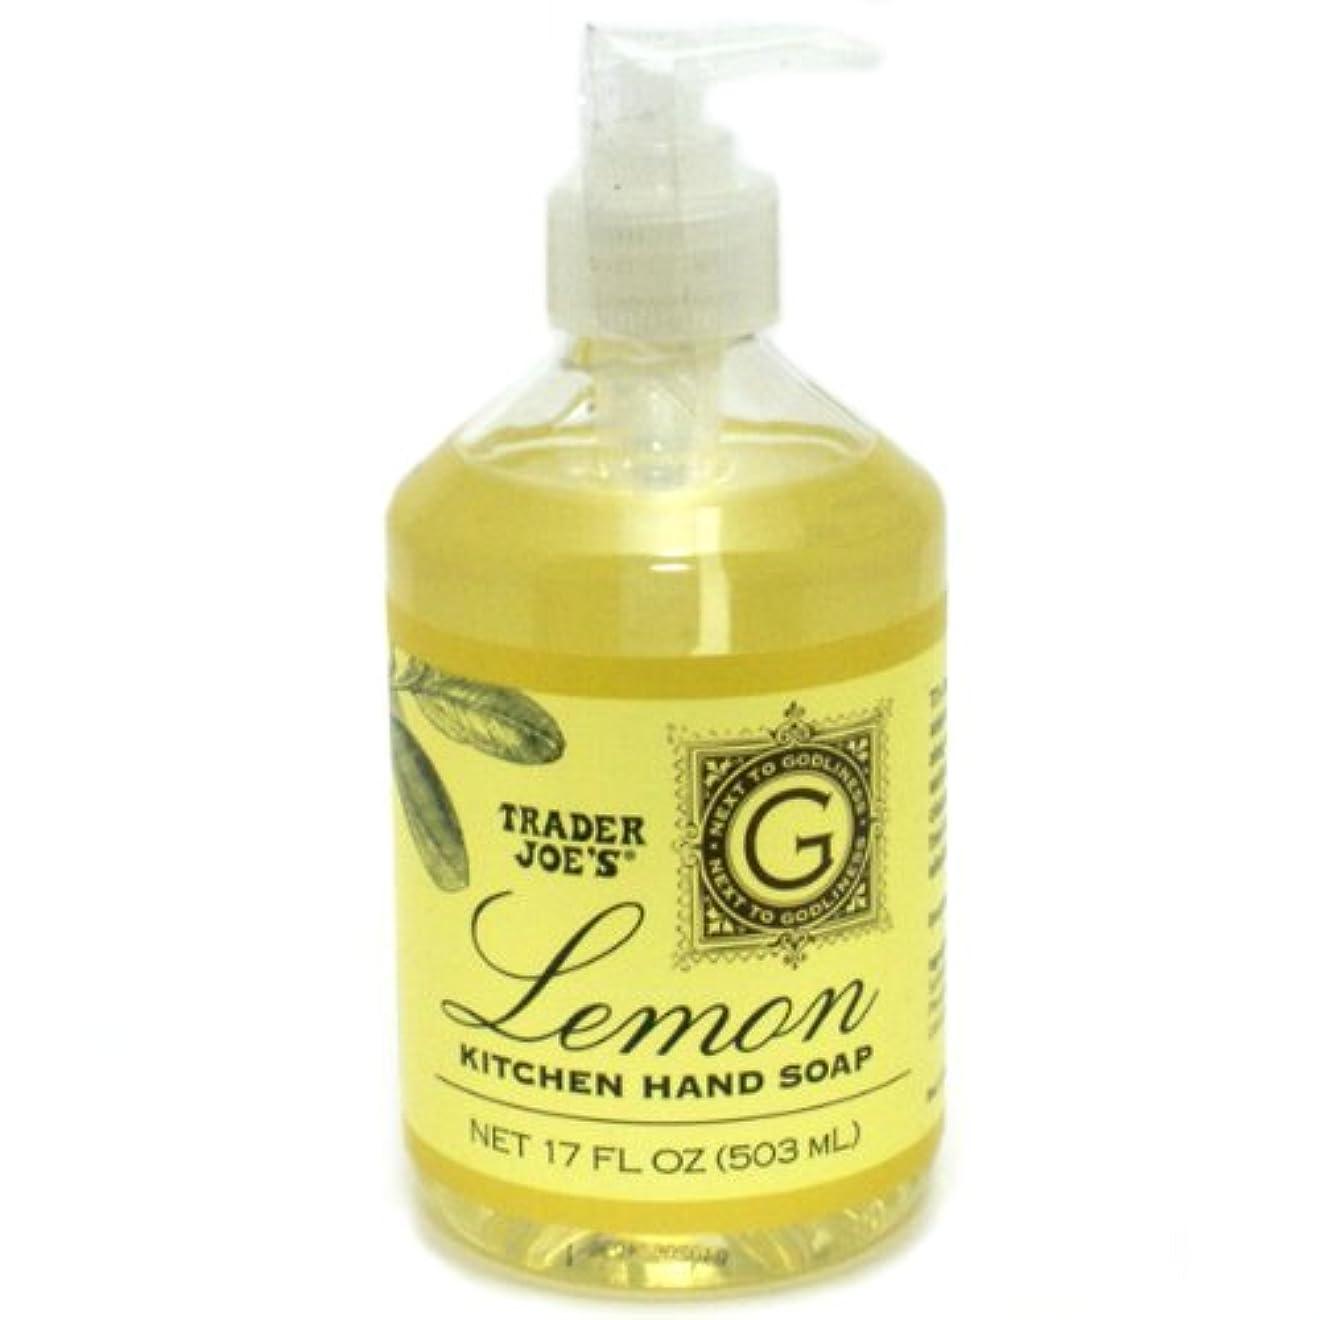 ストレージ群れサイバースペースTrader Joe's トレーダージョーズ KITCHEN HAND SOAP Lemon レモン キッチンハンドソープ [並行輸入品]